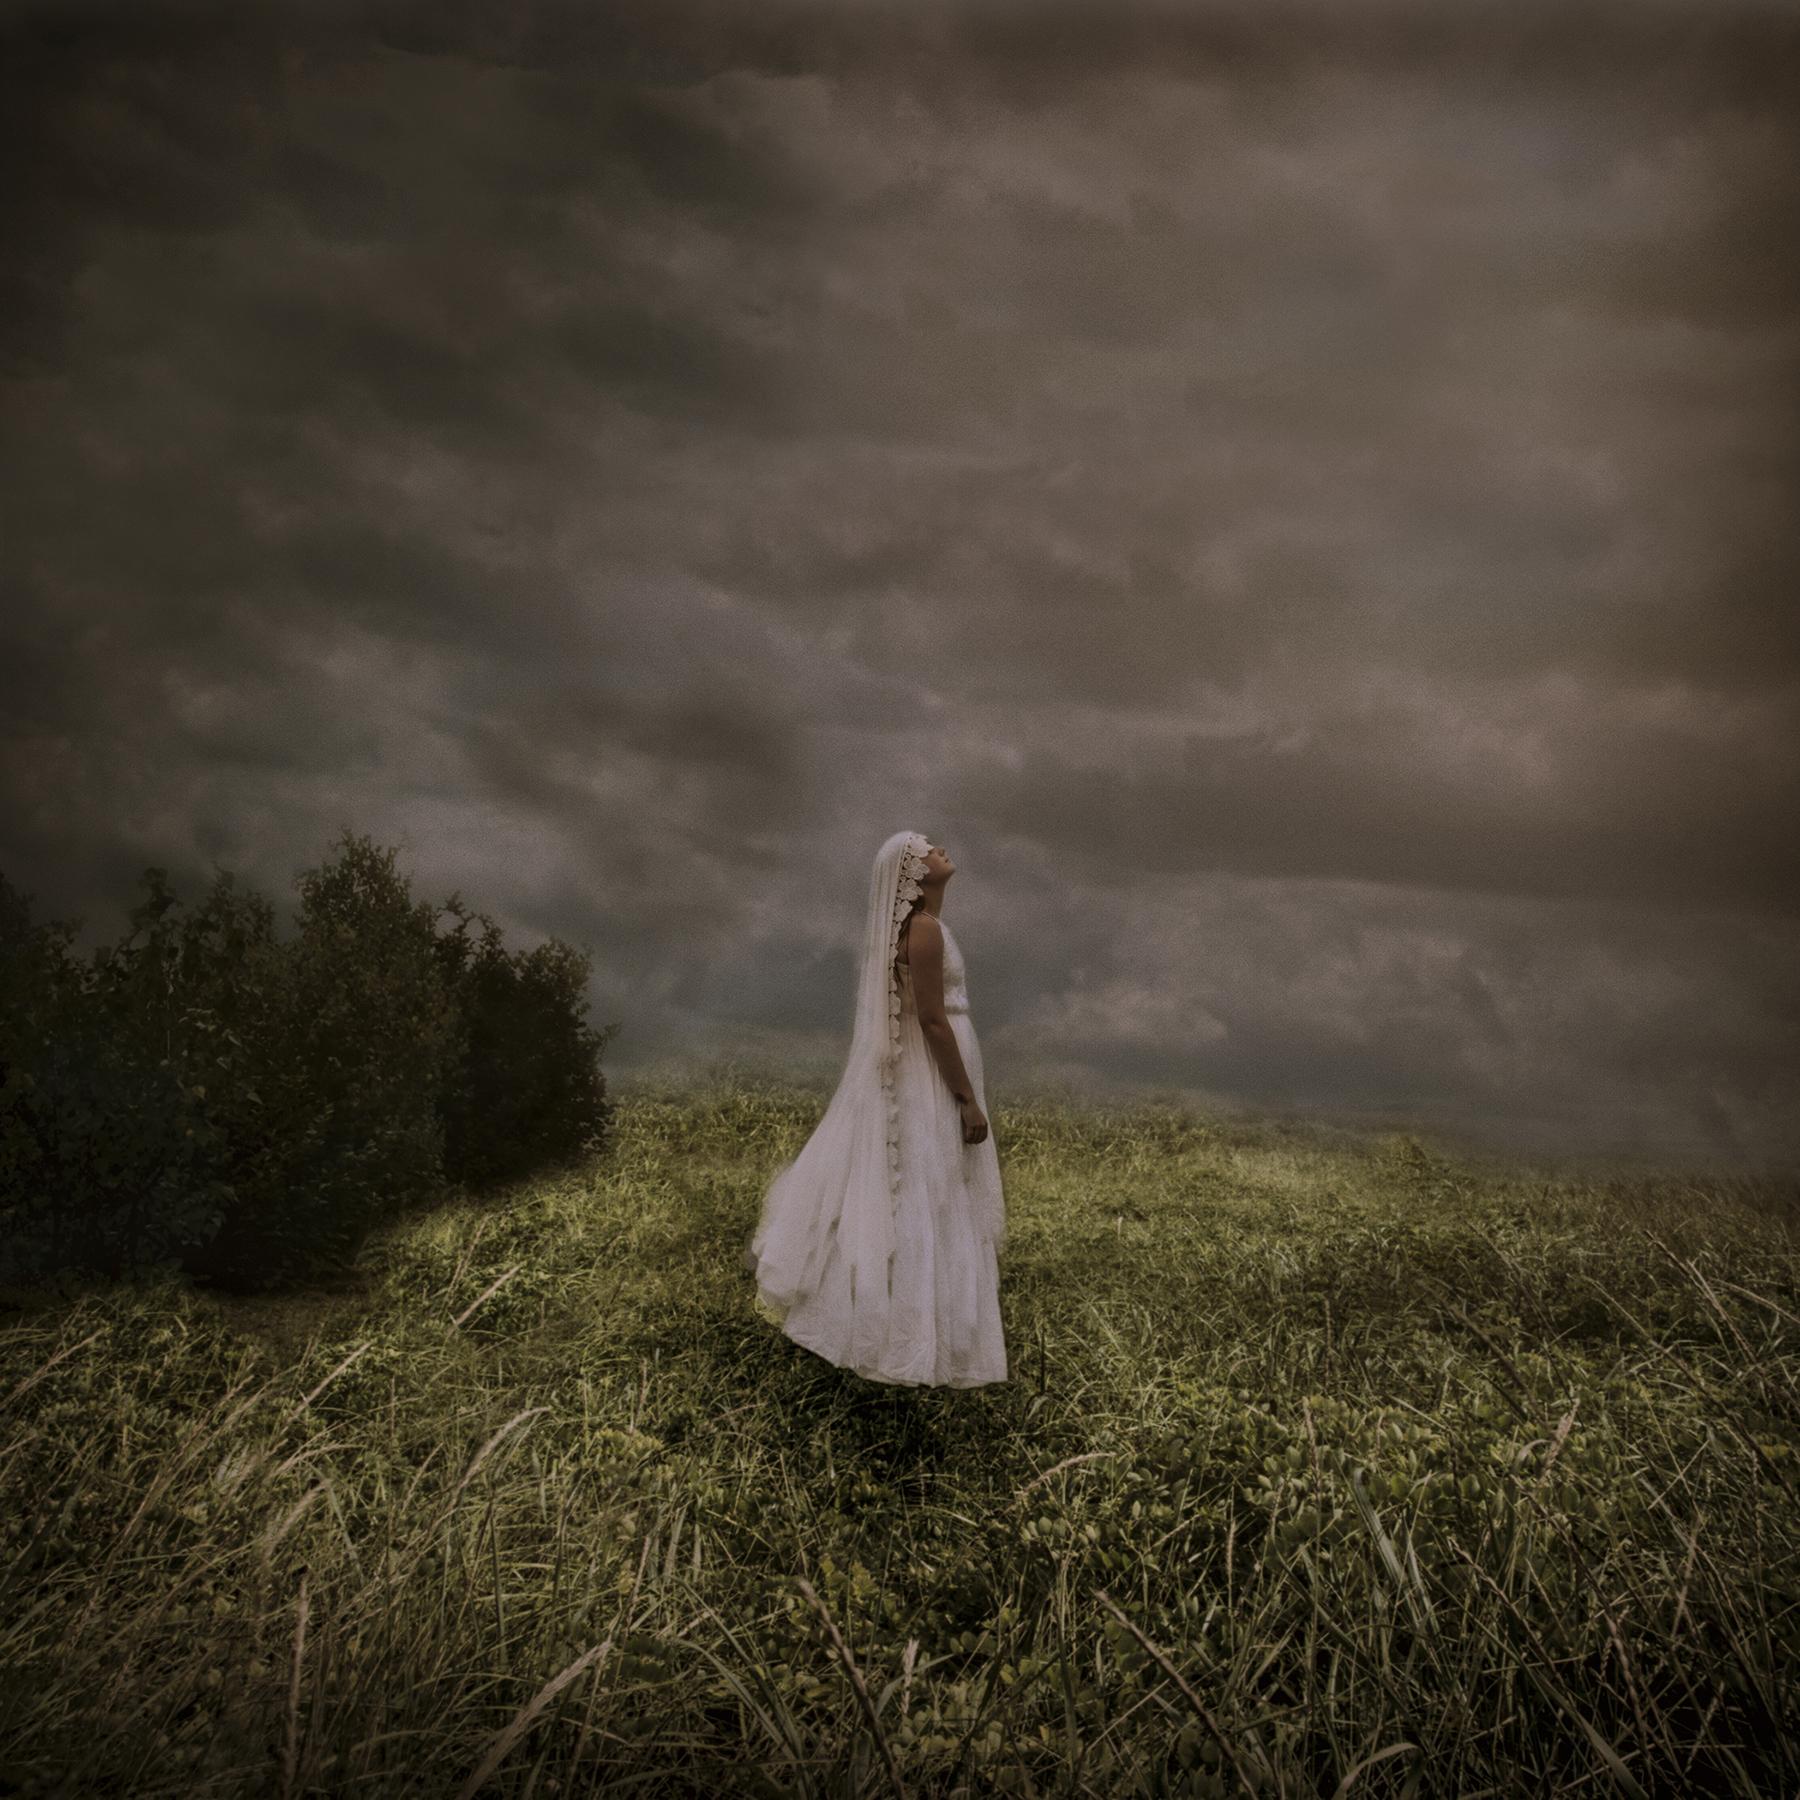 Cheryl_Clegg_Girl_Dreaming_1.jpg